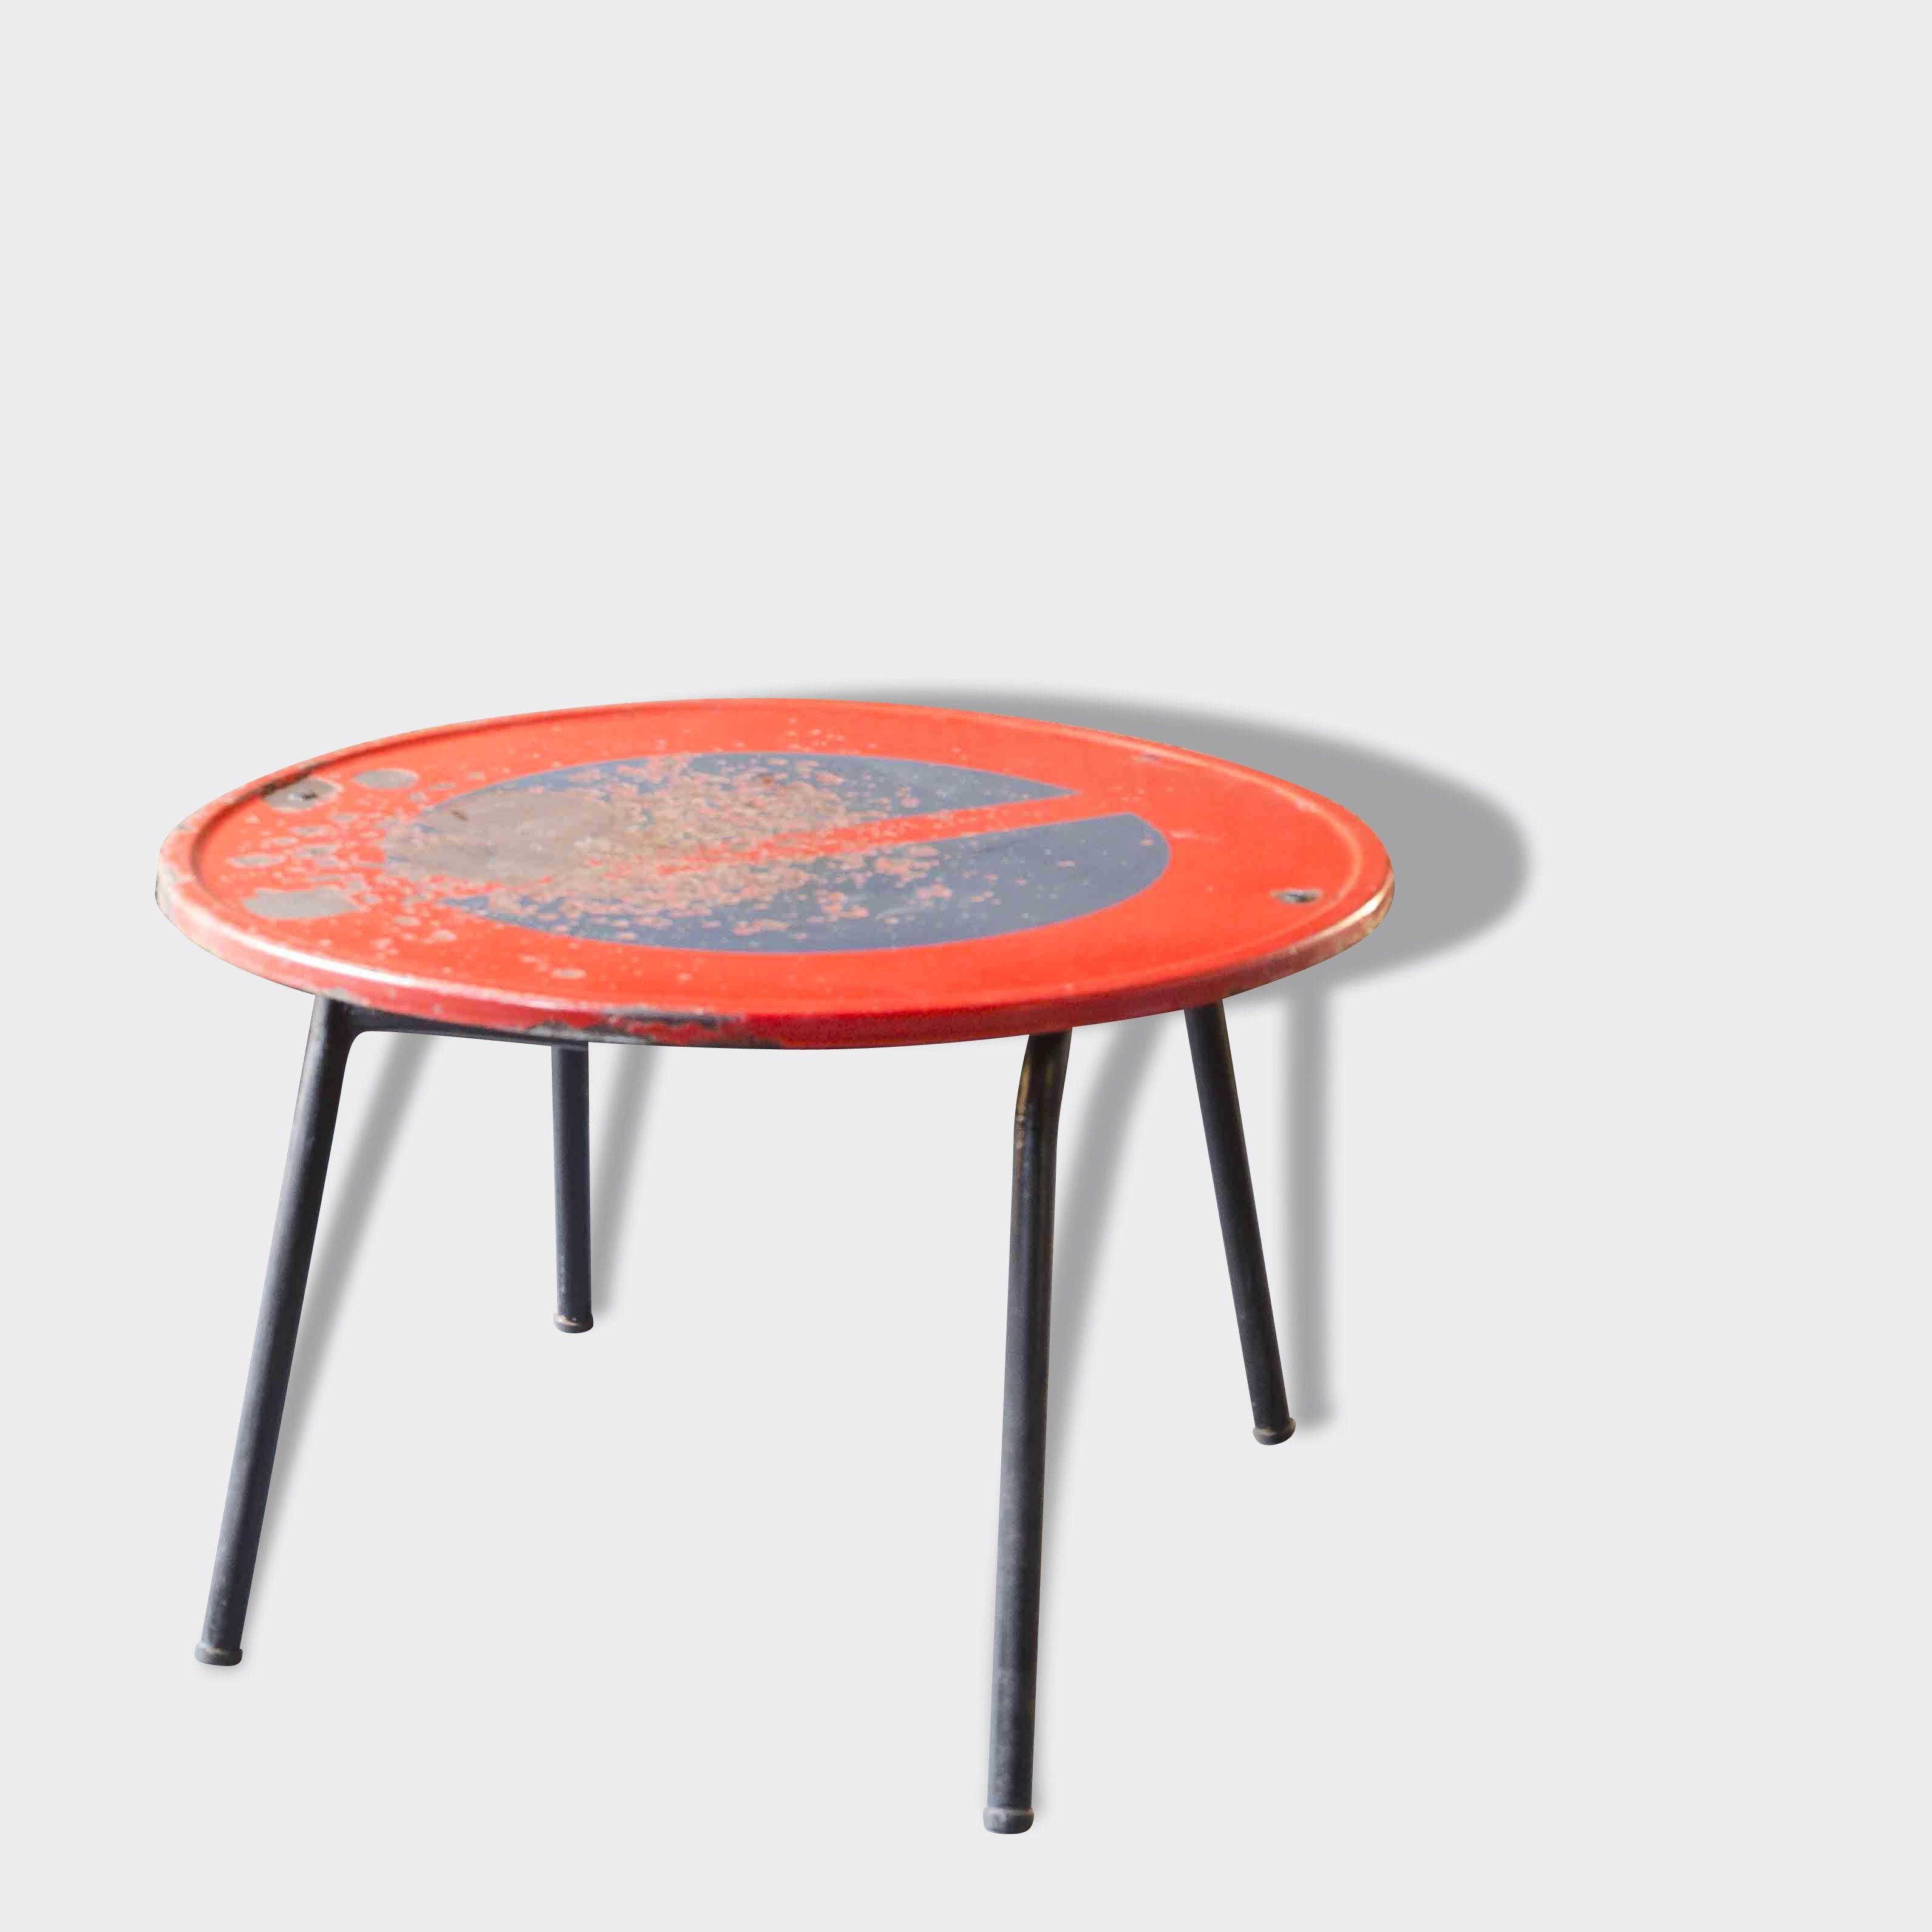 Table Basse Interdit De Stationner Metal Bon Etat Industriel Mobilier De Salon Deco Vintage Table Basse